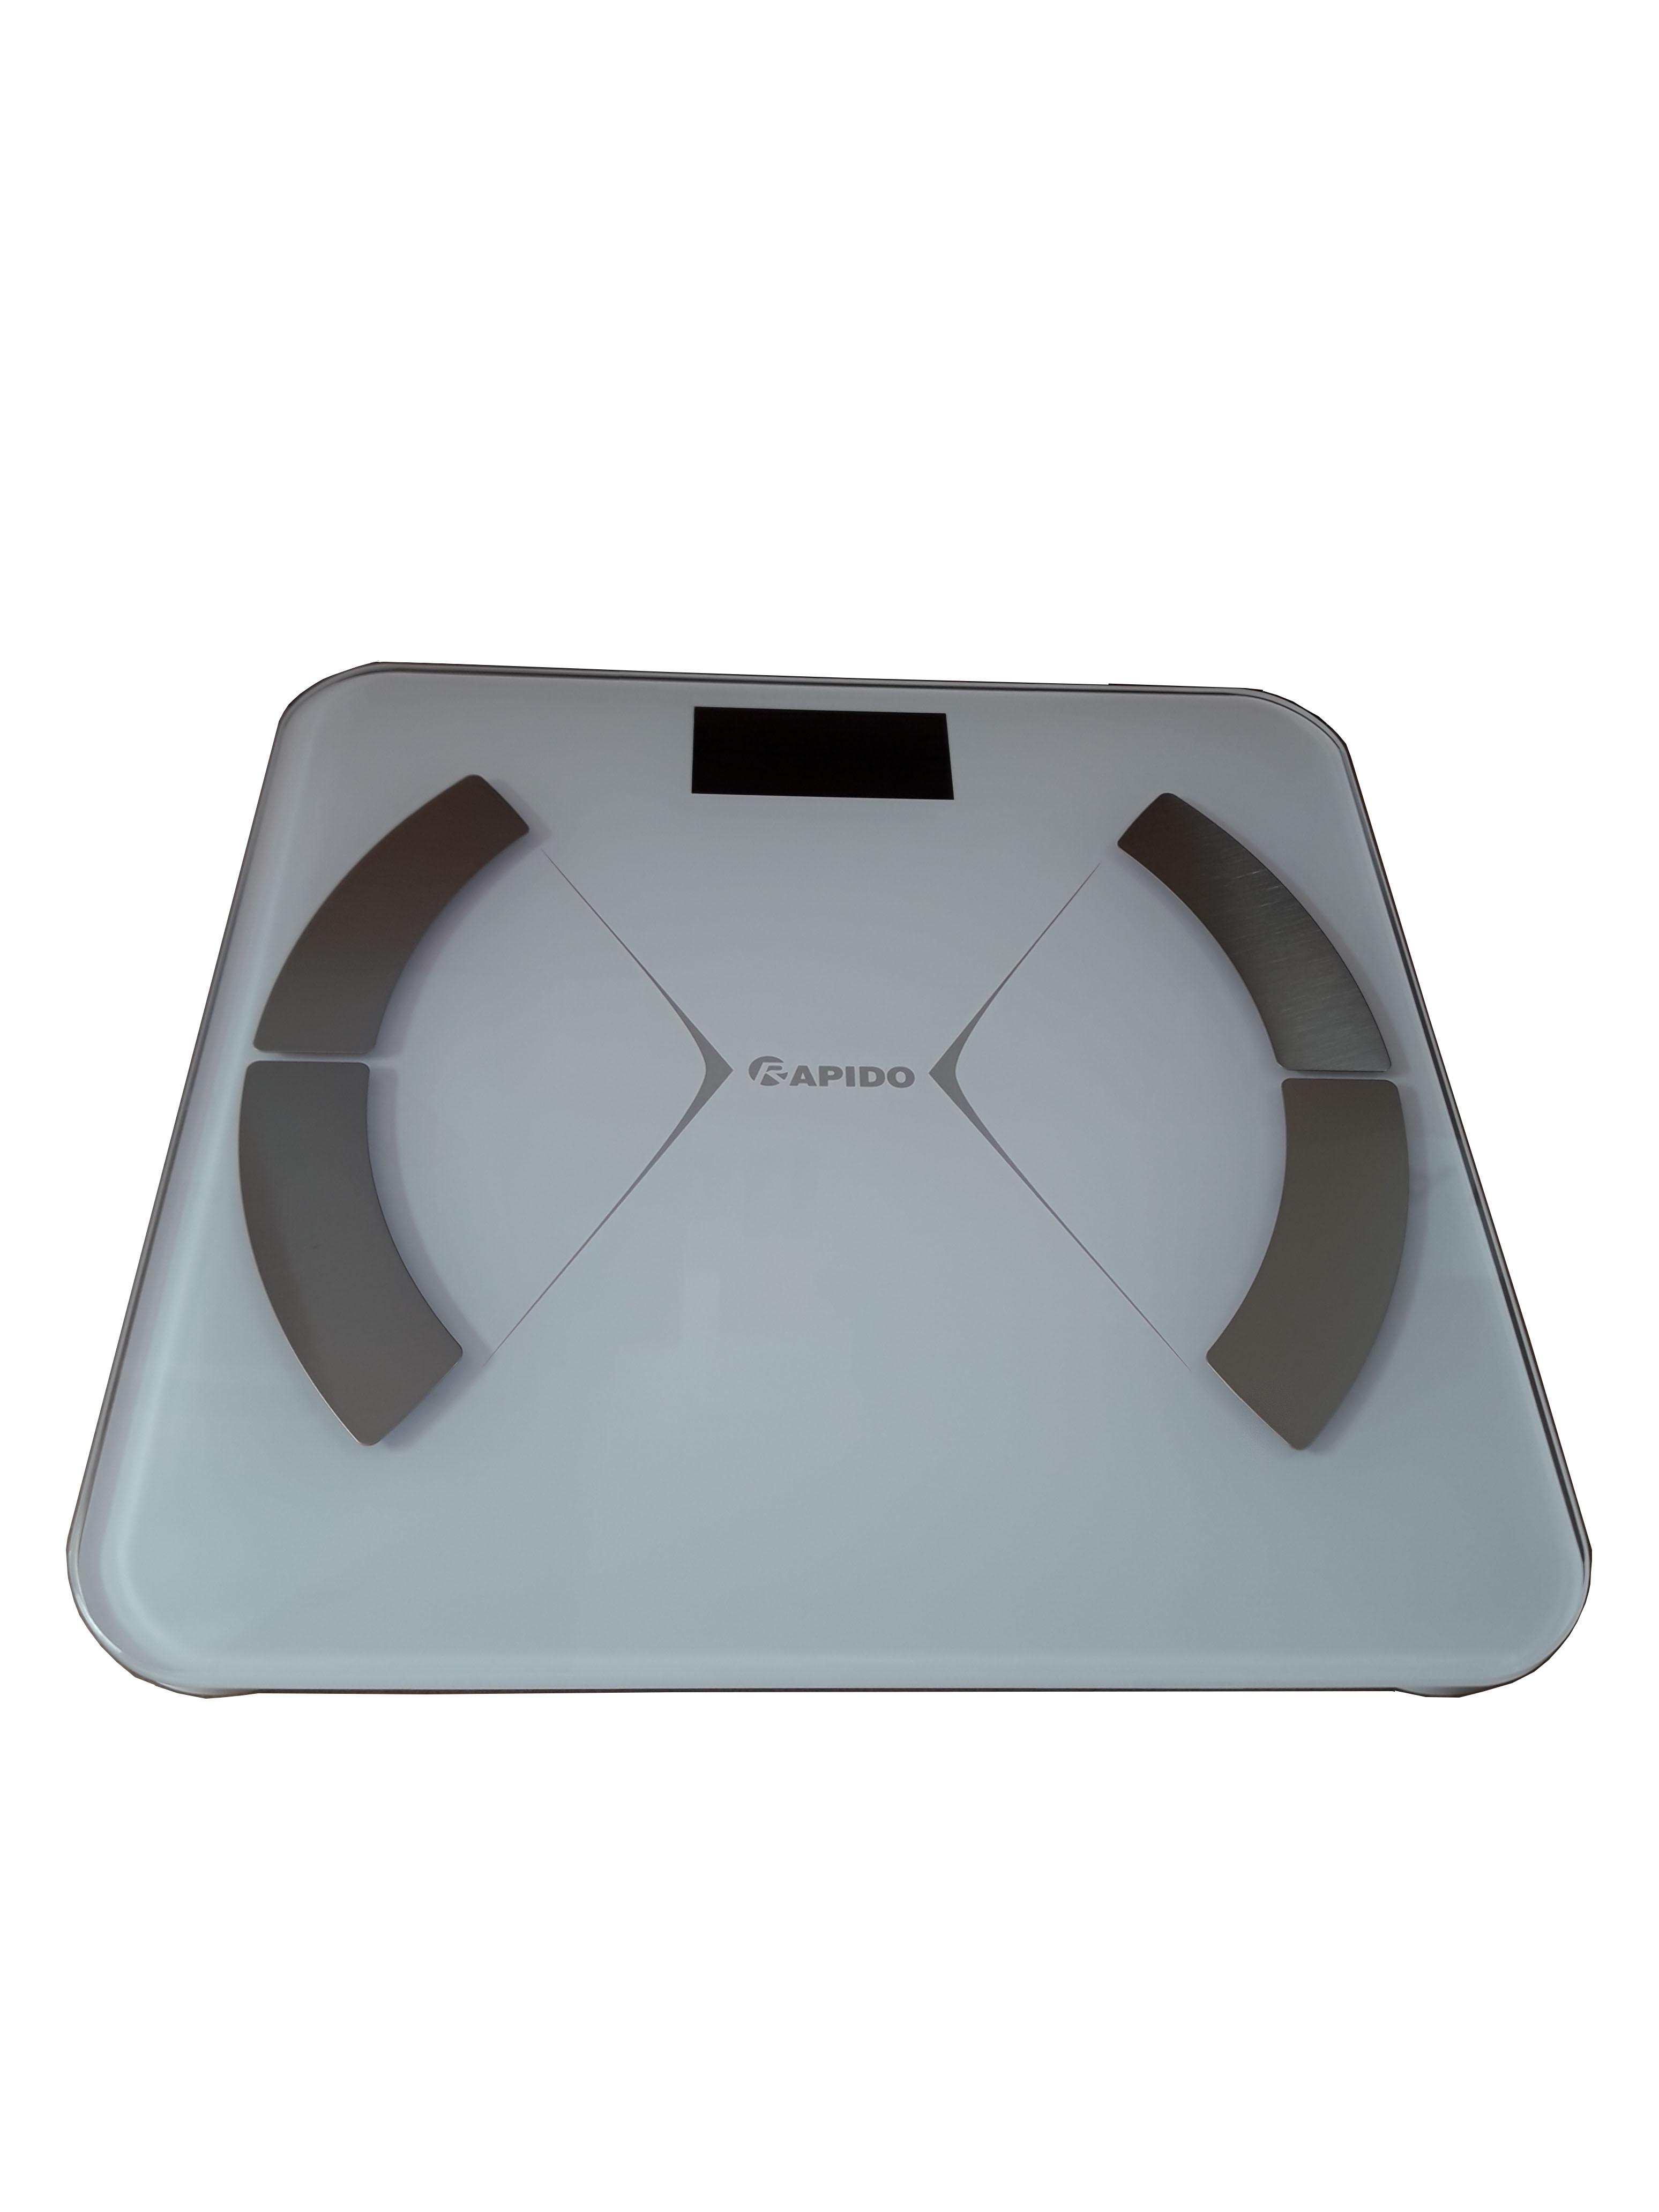 Cân sức khỏe thông minh Rapido RSB01 (có bluetooth)